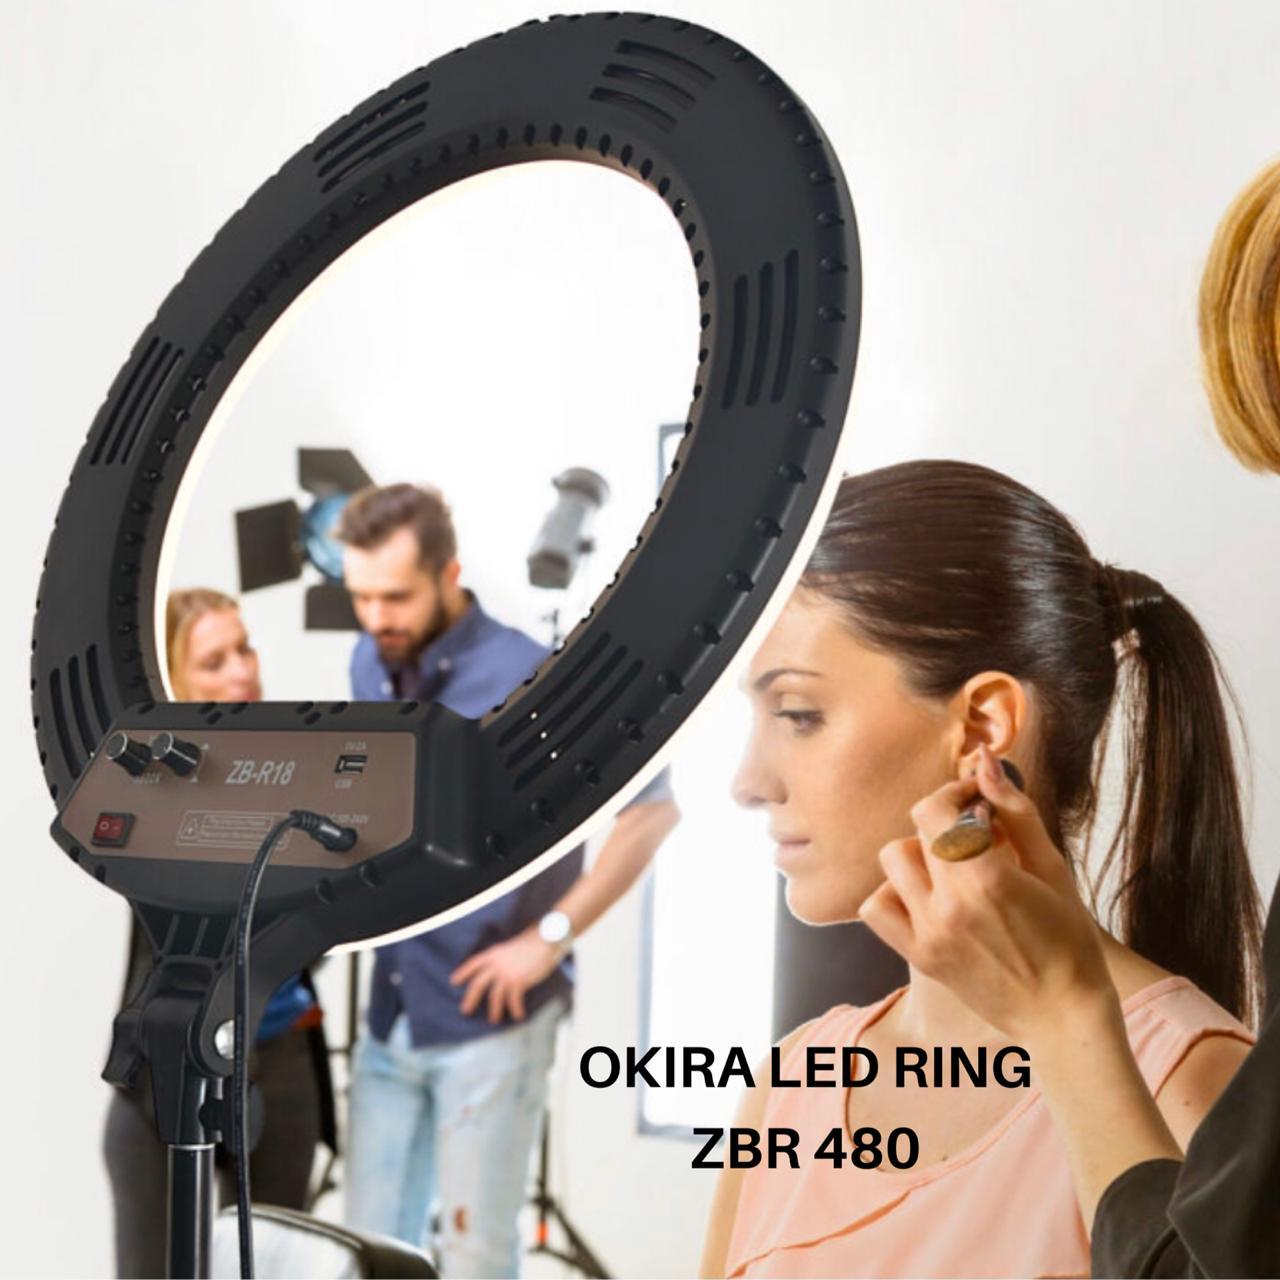 🔘Кольцевая лампа OKIRA LED RING ZBR 480